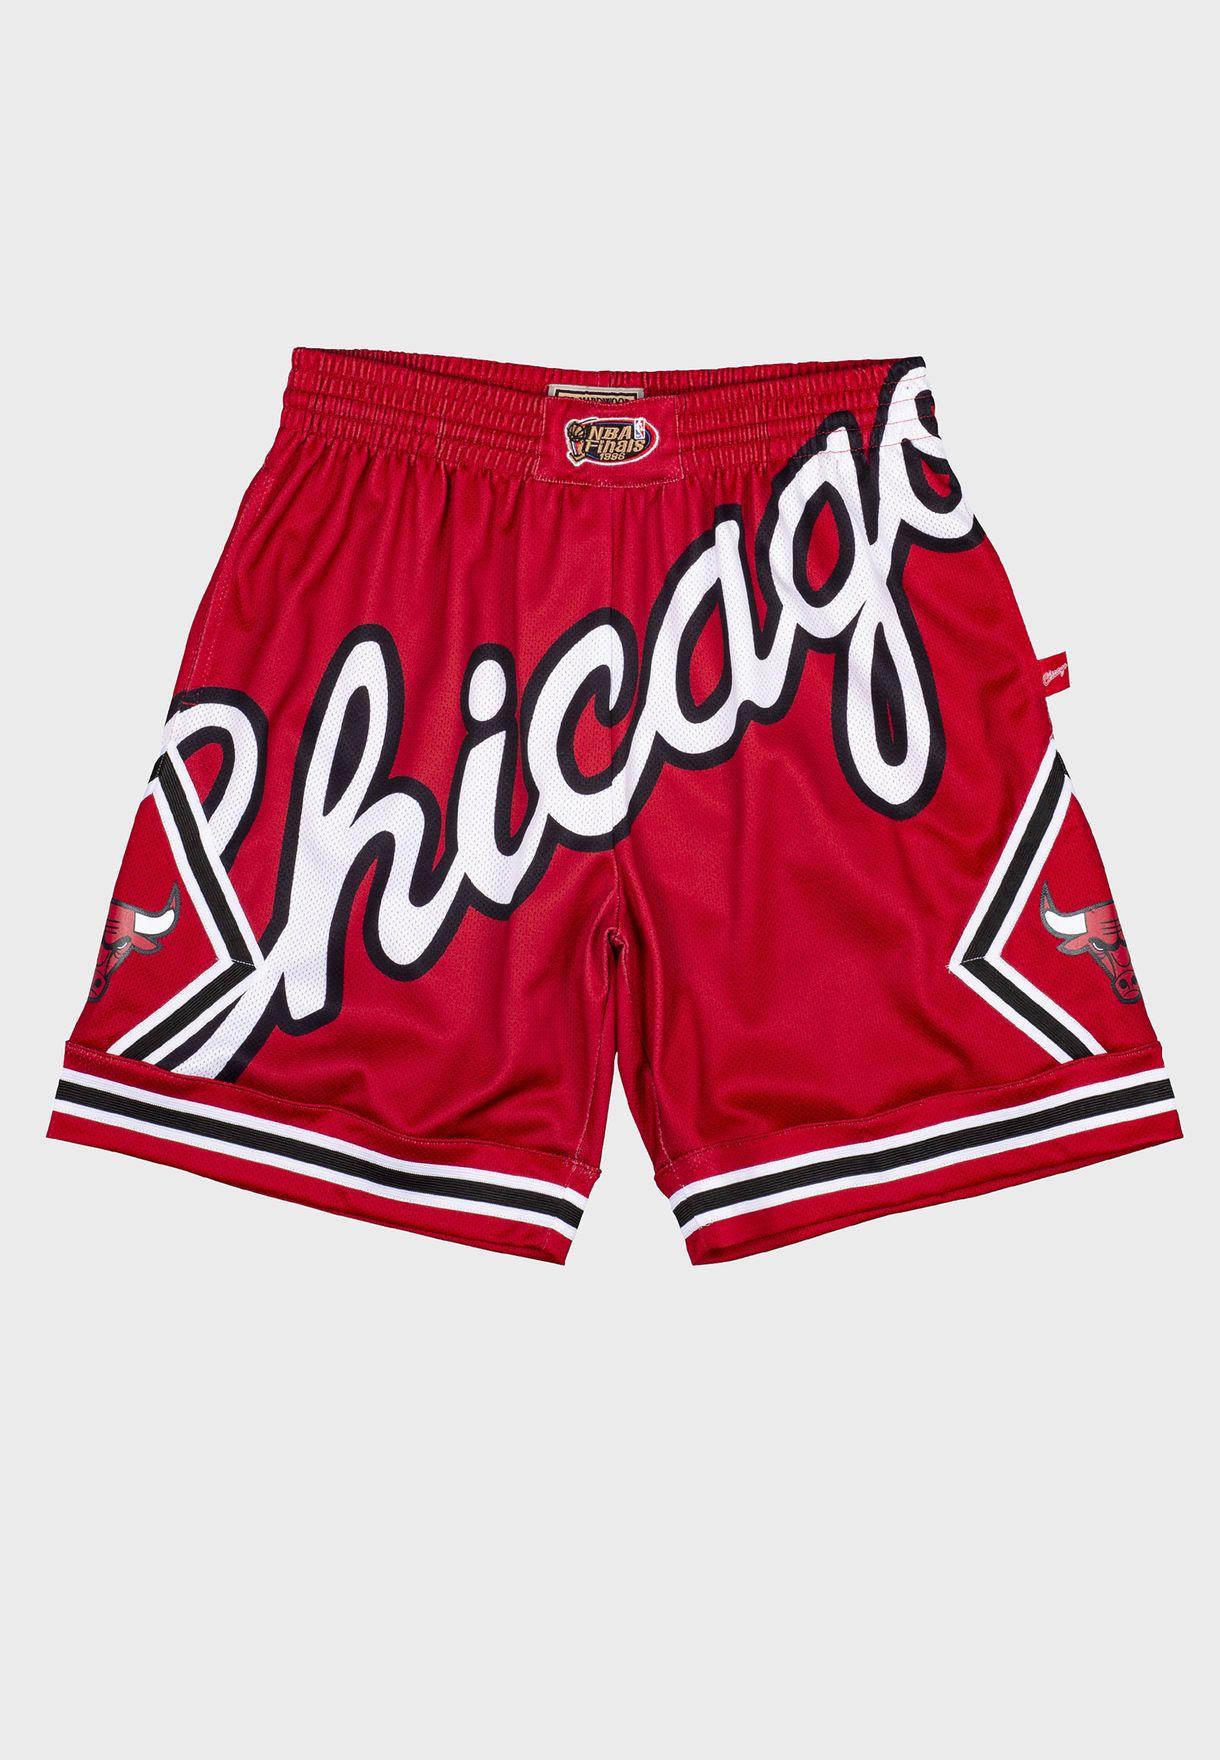 شورت بشعار شيكاغو بولز